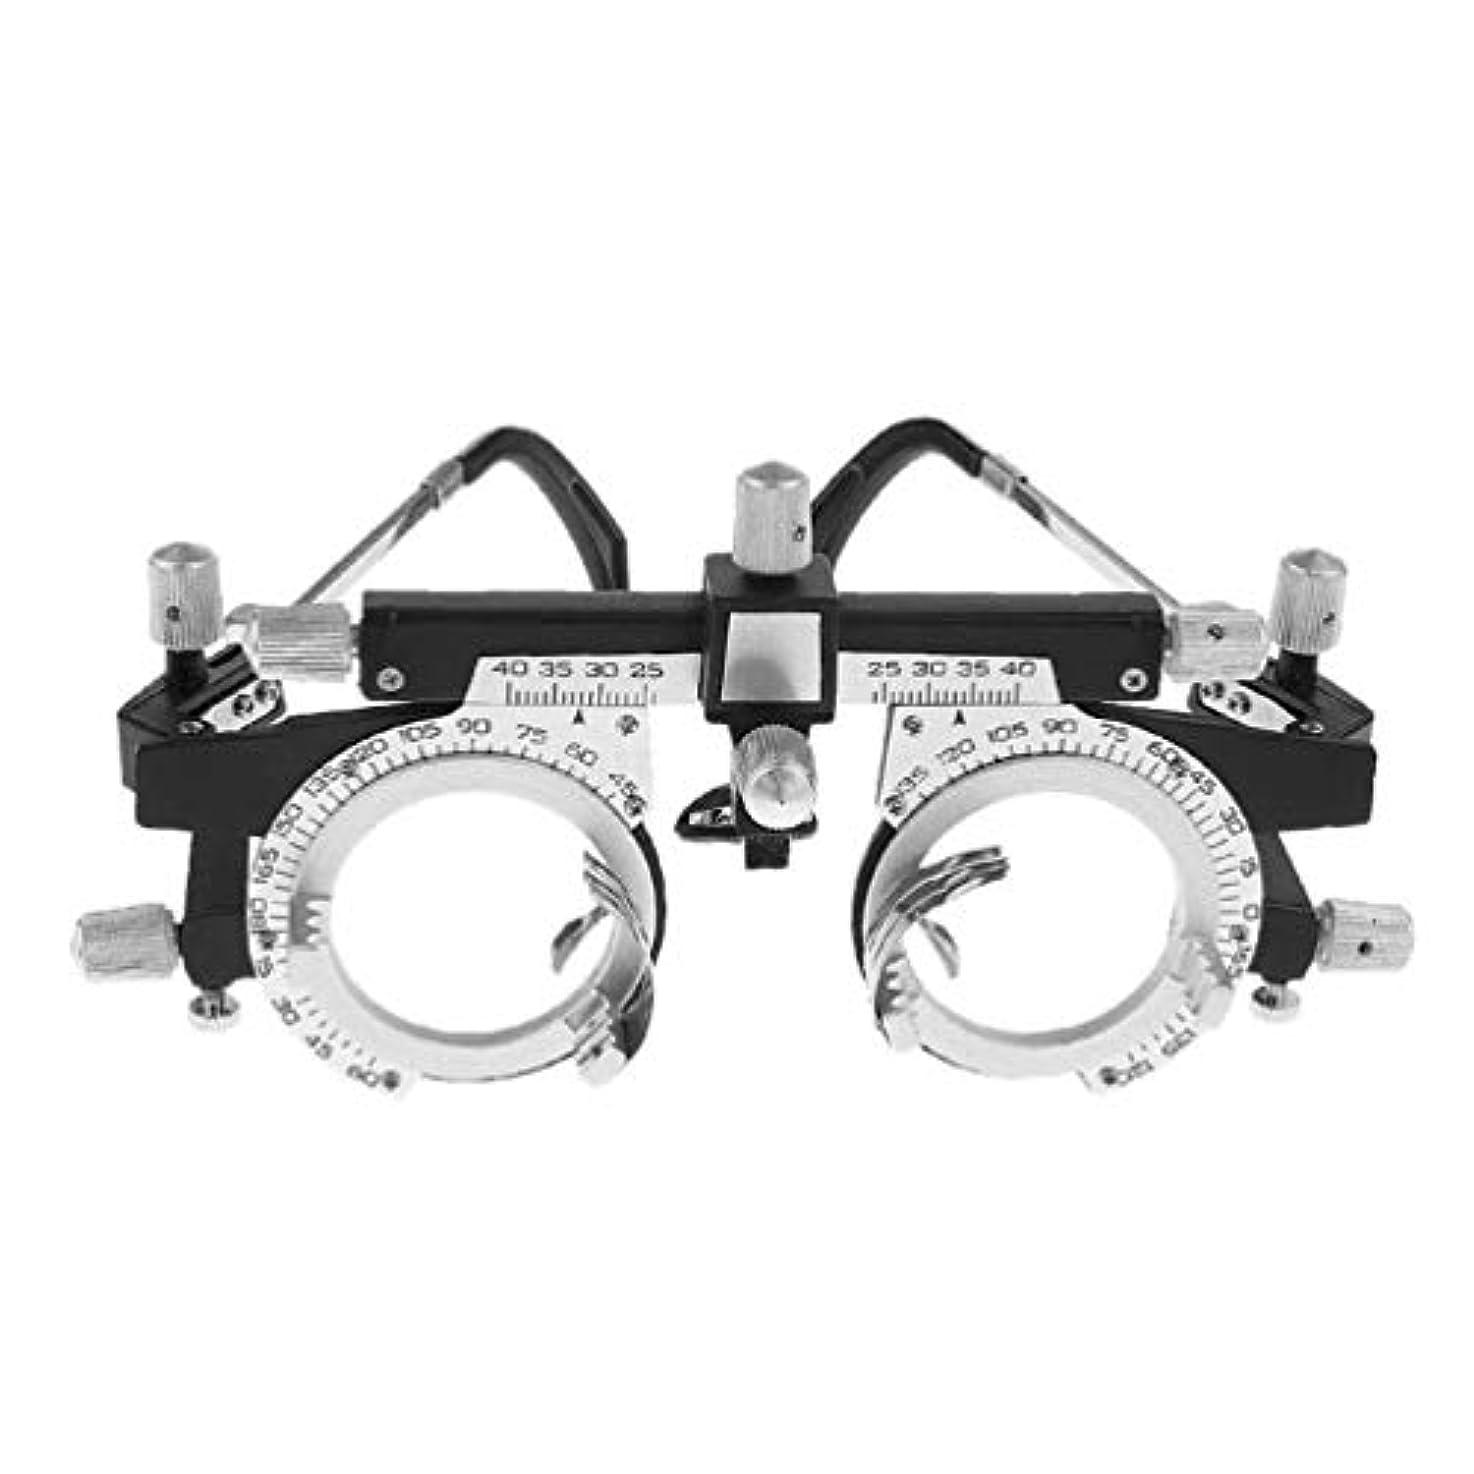 それにもかかわらず専門用語迷路調節可能なプロフェッショナルアイウェア検眼メタルフレーム光学オプティクストライアルレンズメタルフレームPDメガネアクセサリー - シルバー&ブラック